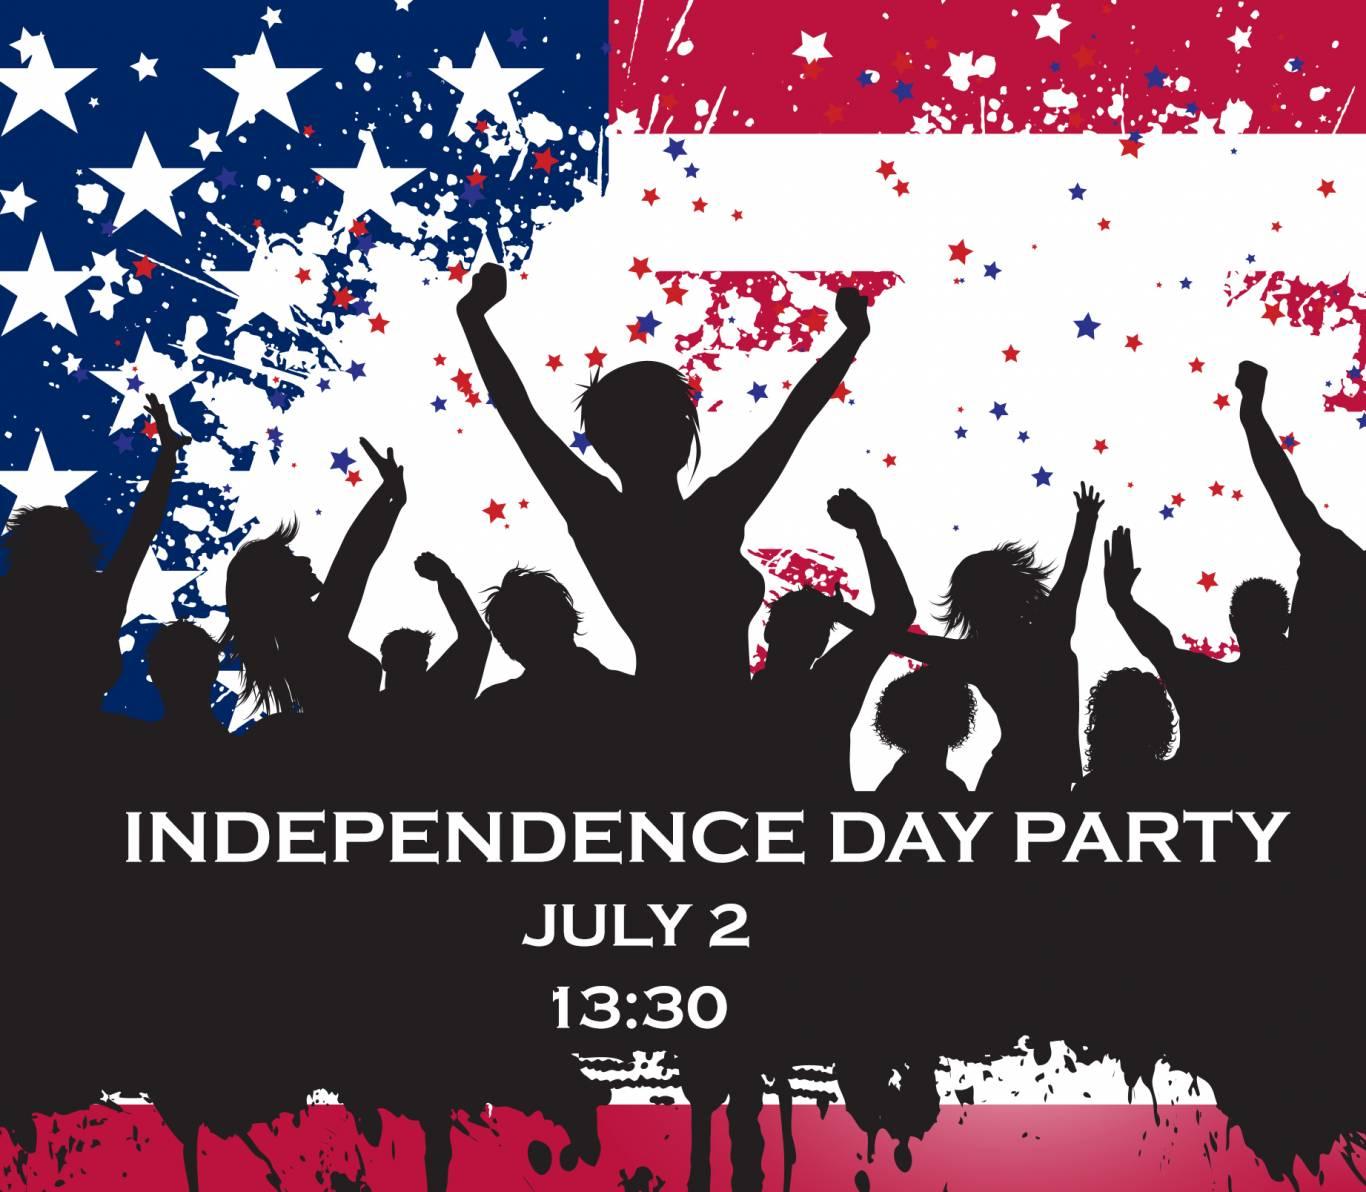 Святкування Дня незалежності США в Американському домі